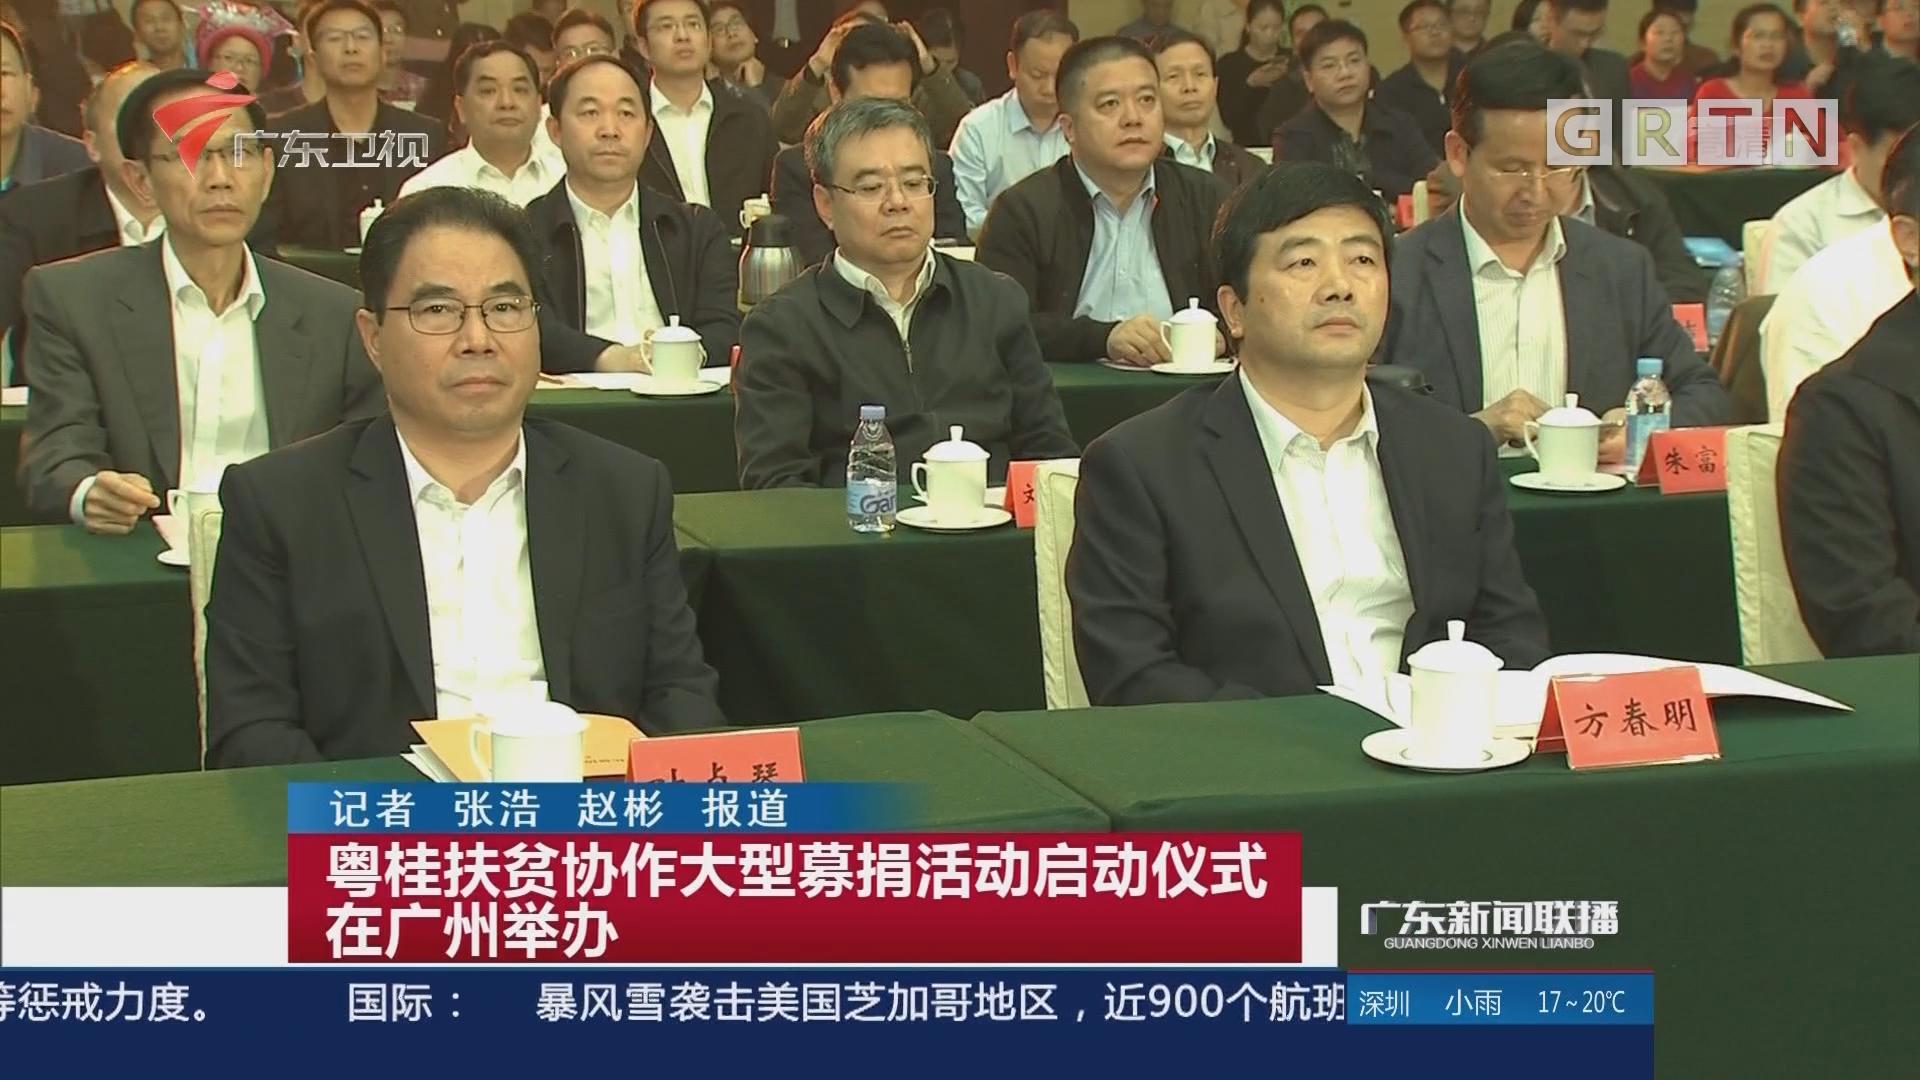 粤桂扶贫协作大型募捐活动启动仪式在广州举办